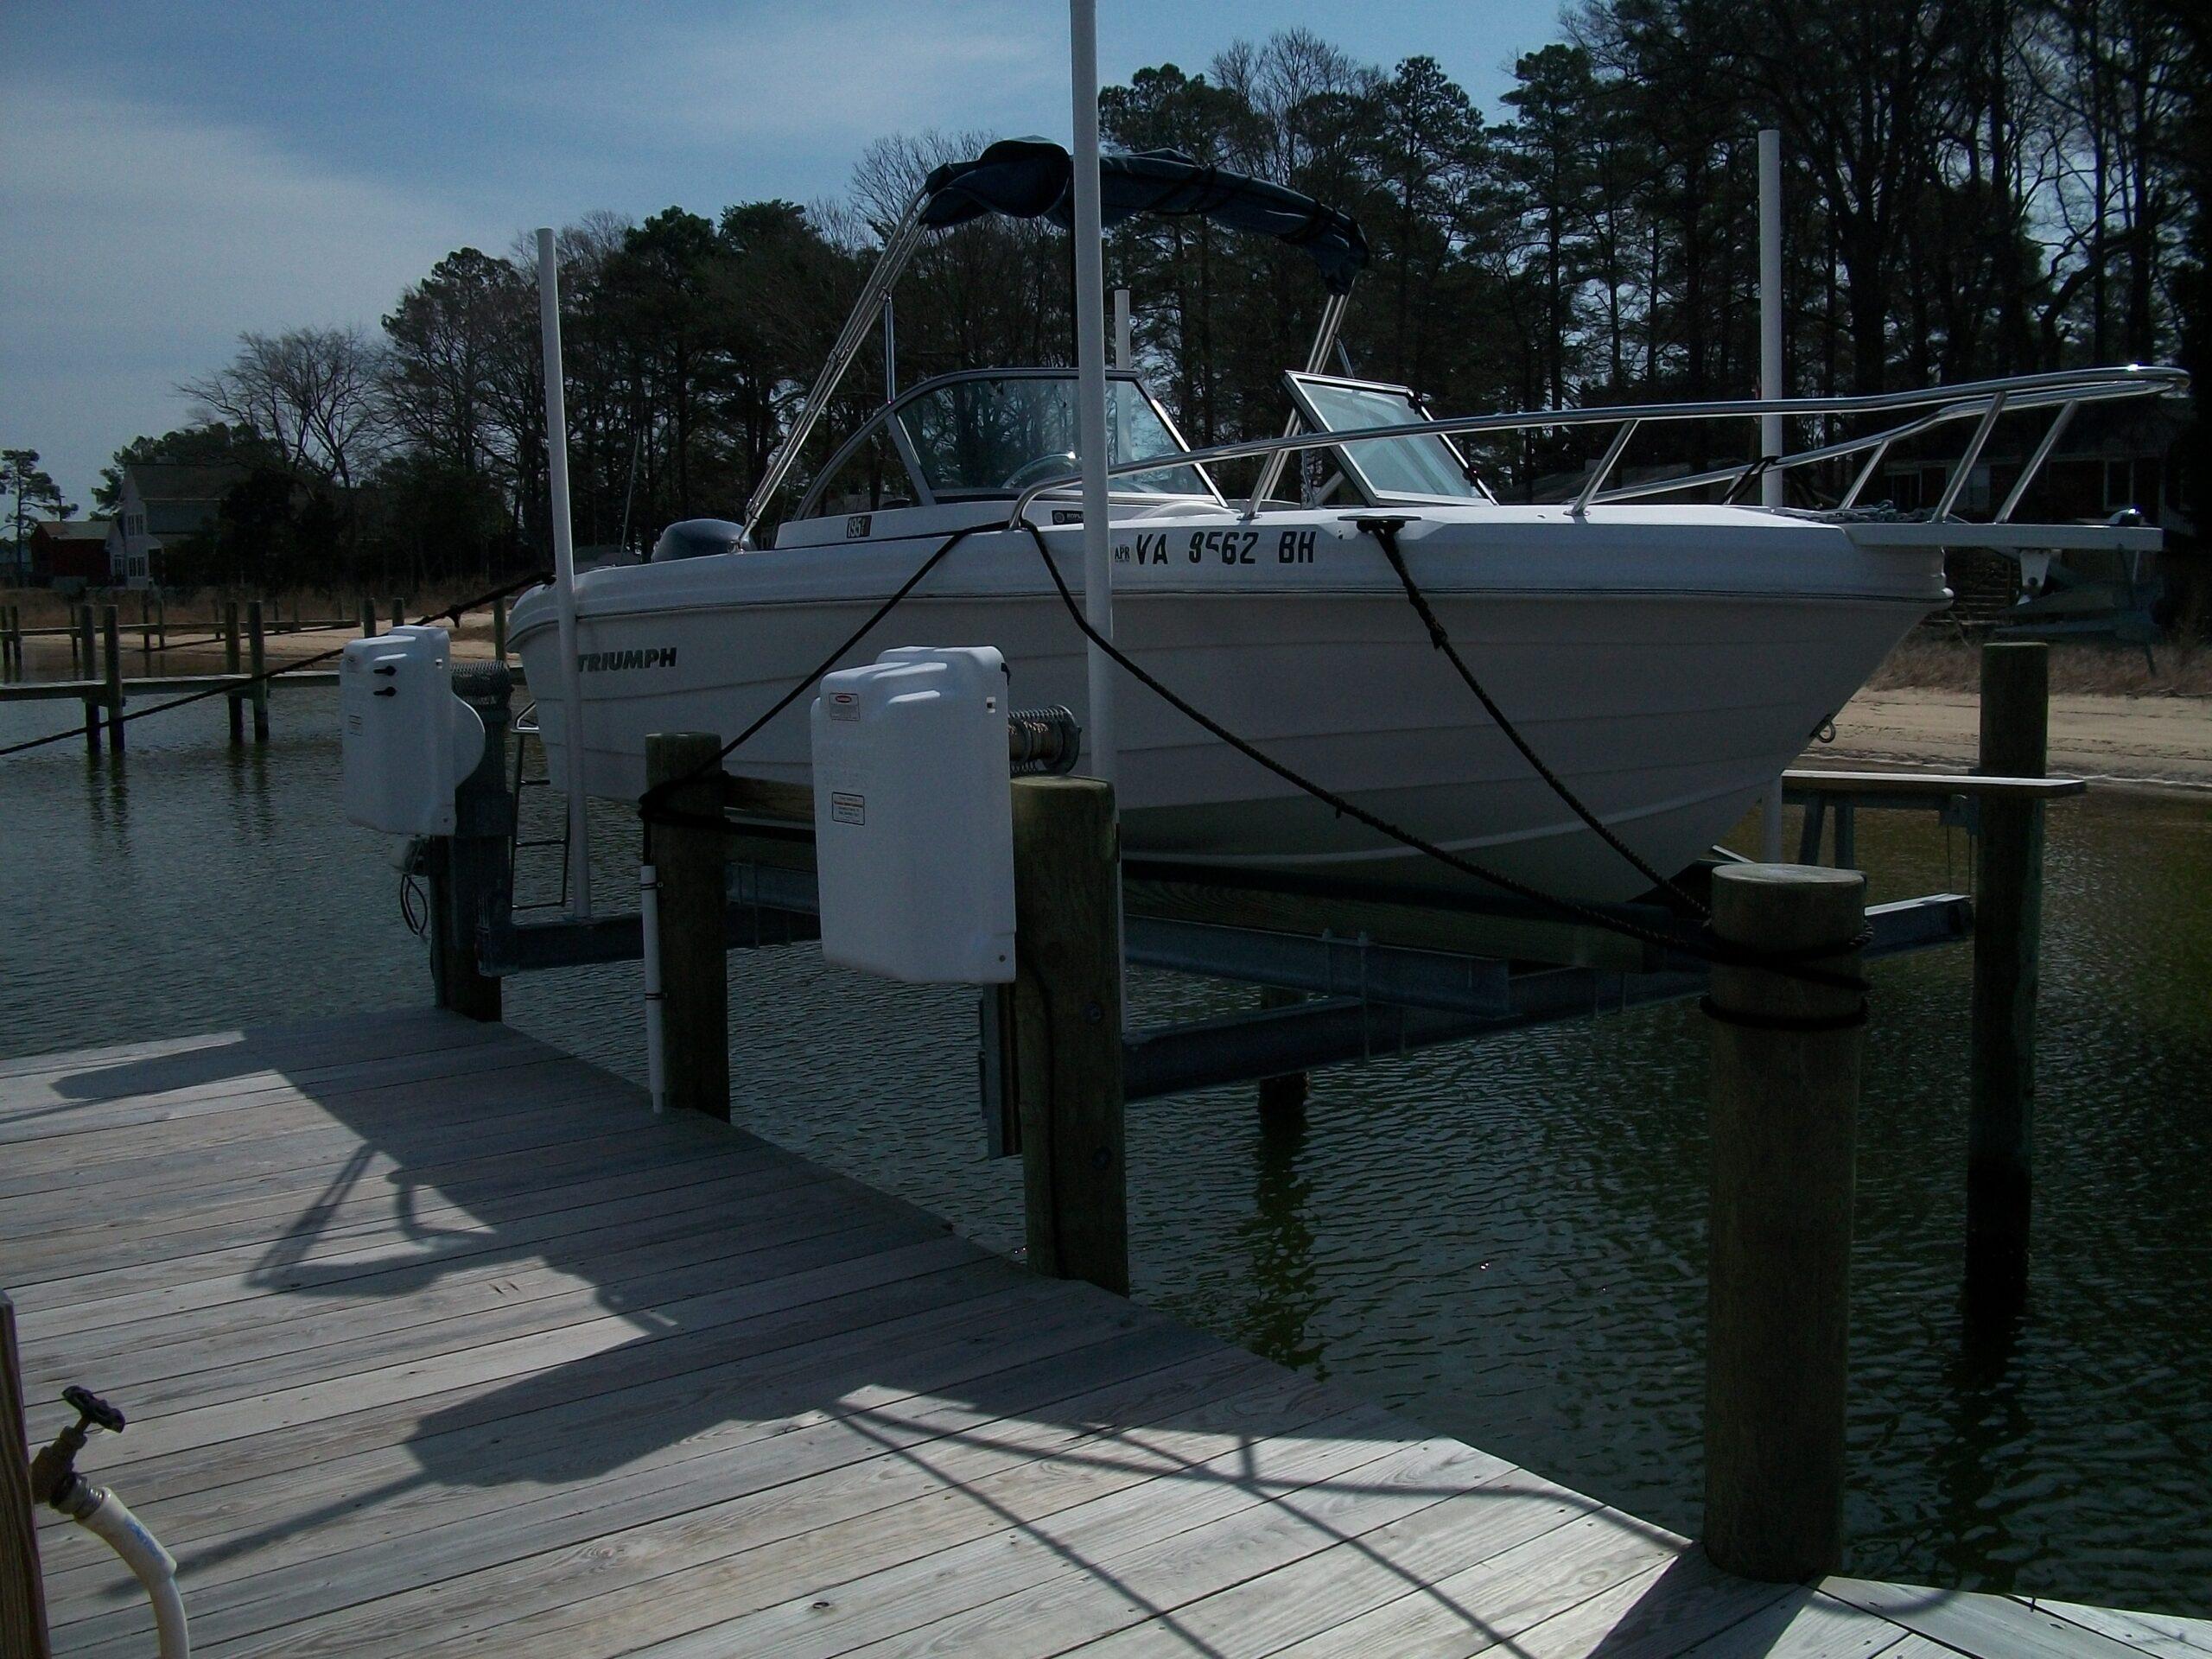 WMC_Boat_Lift-1-scaled.jpg